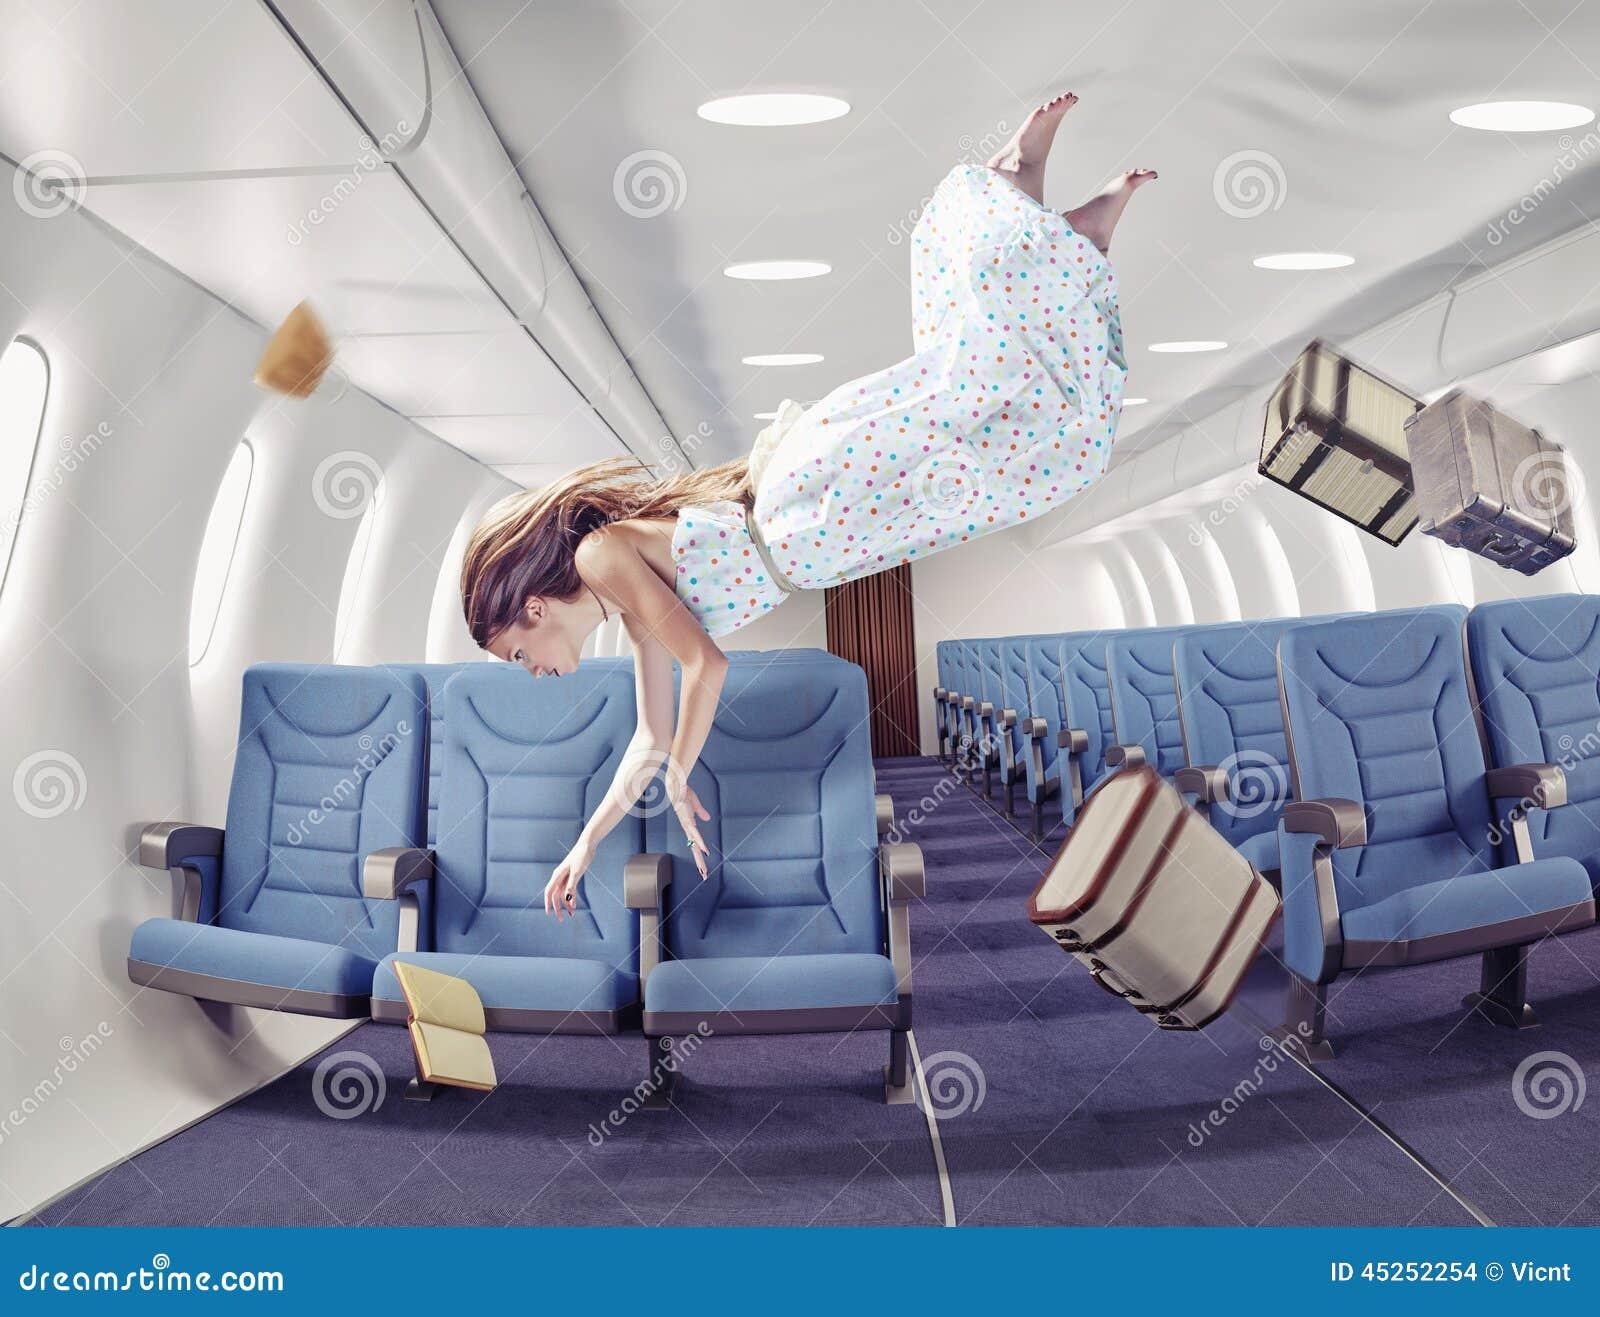 飞机的女孩